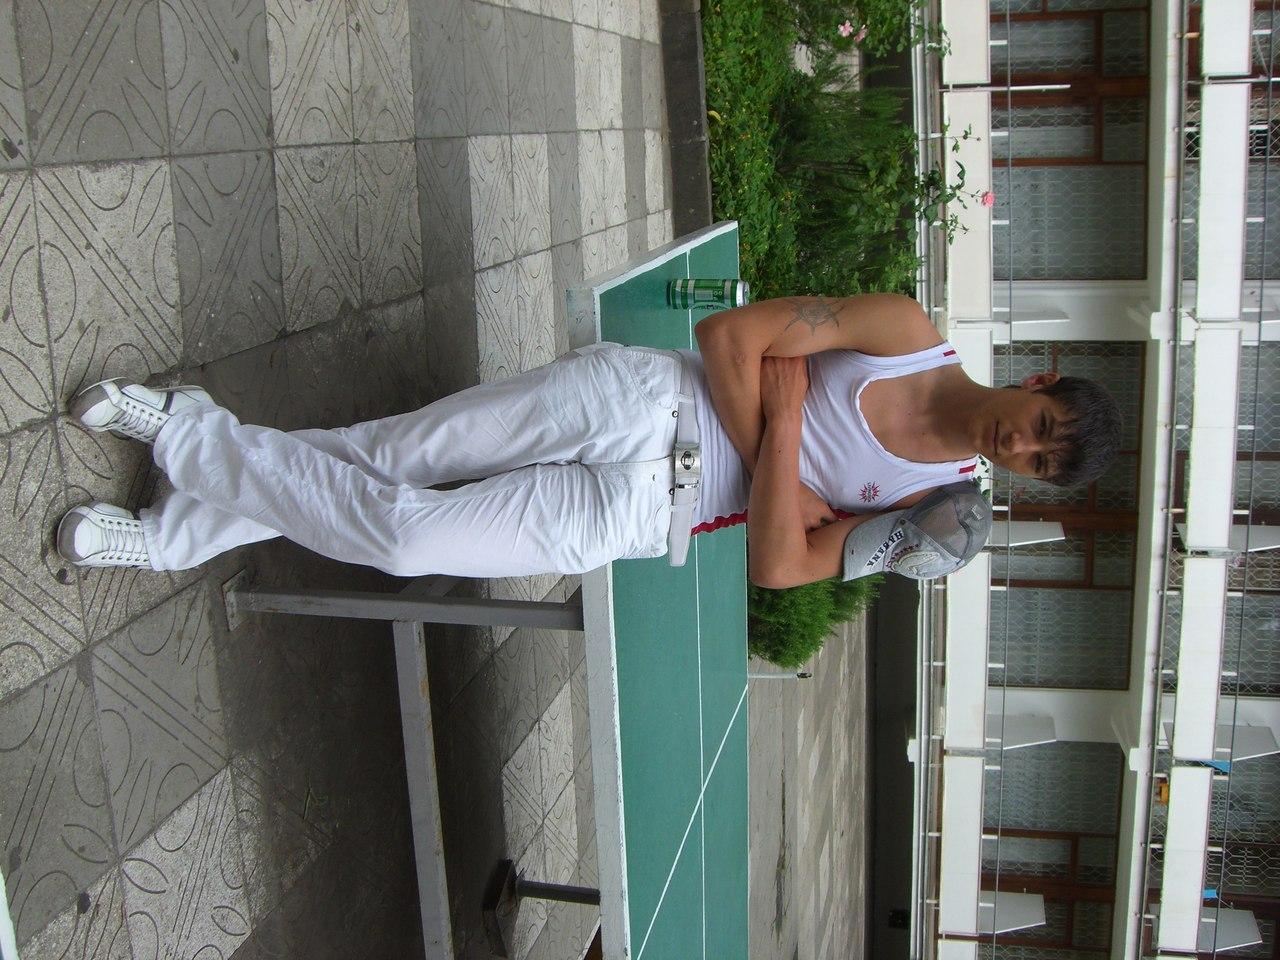 Андрей Боровской, Москва - фото №1